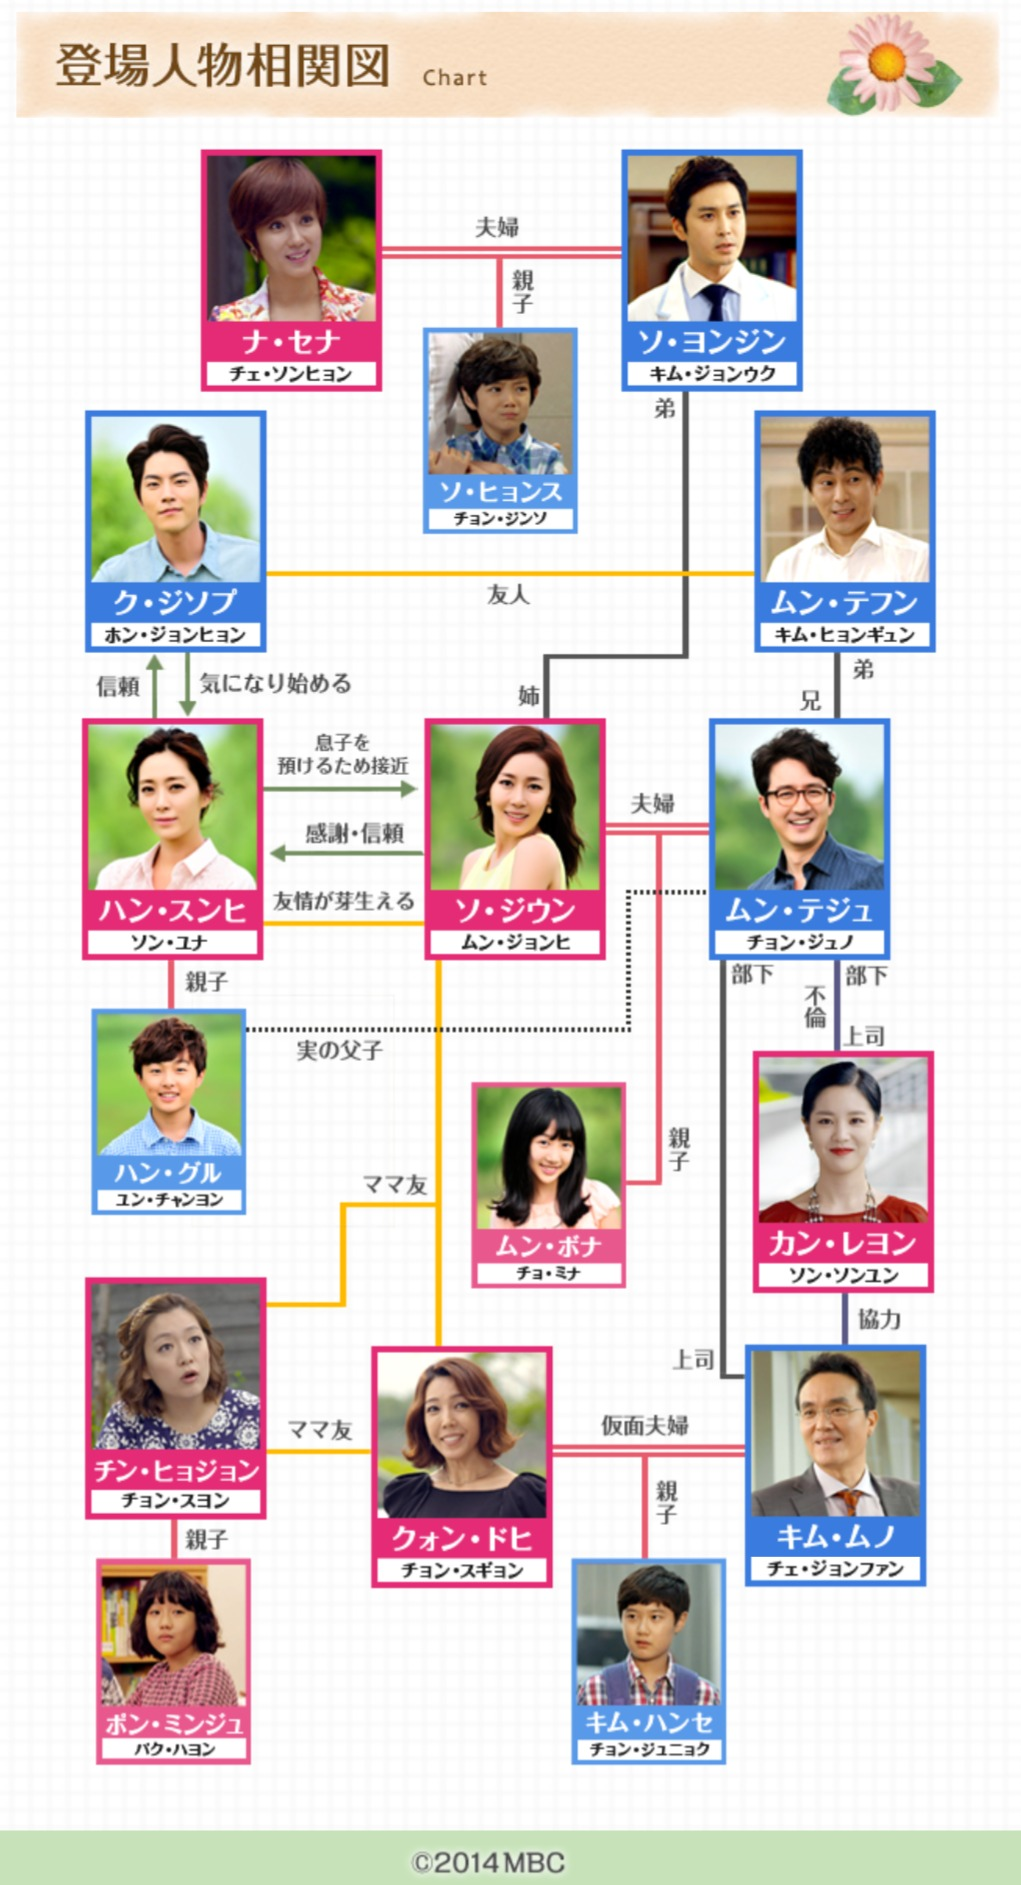 韓国ドラマ『ママ~最後の贈りもの~』登場人物相関図(関係図)